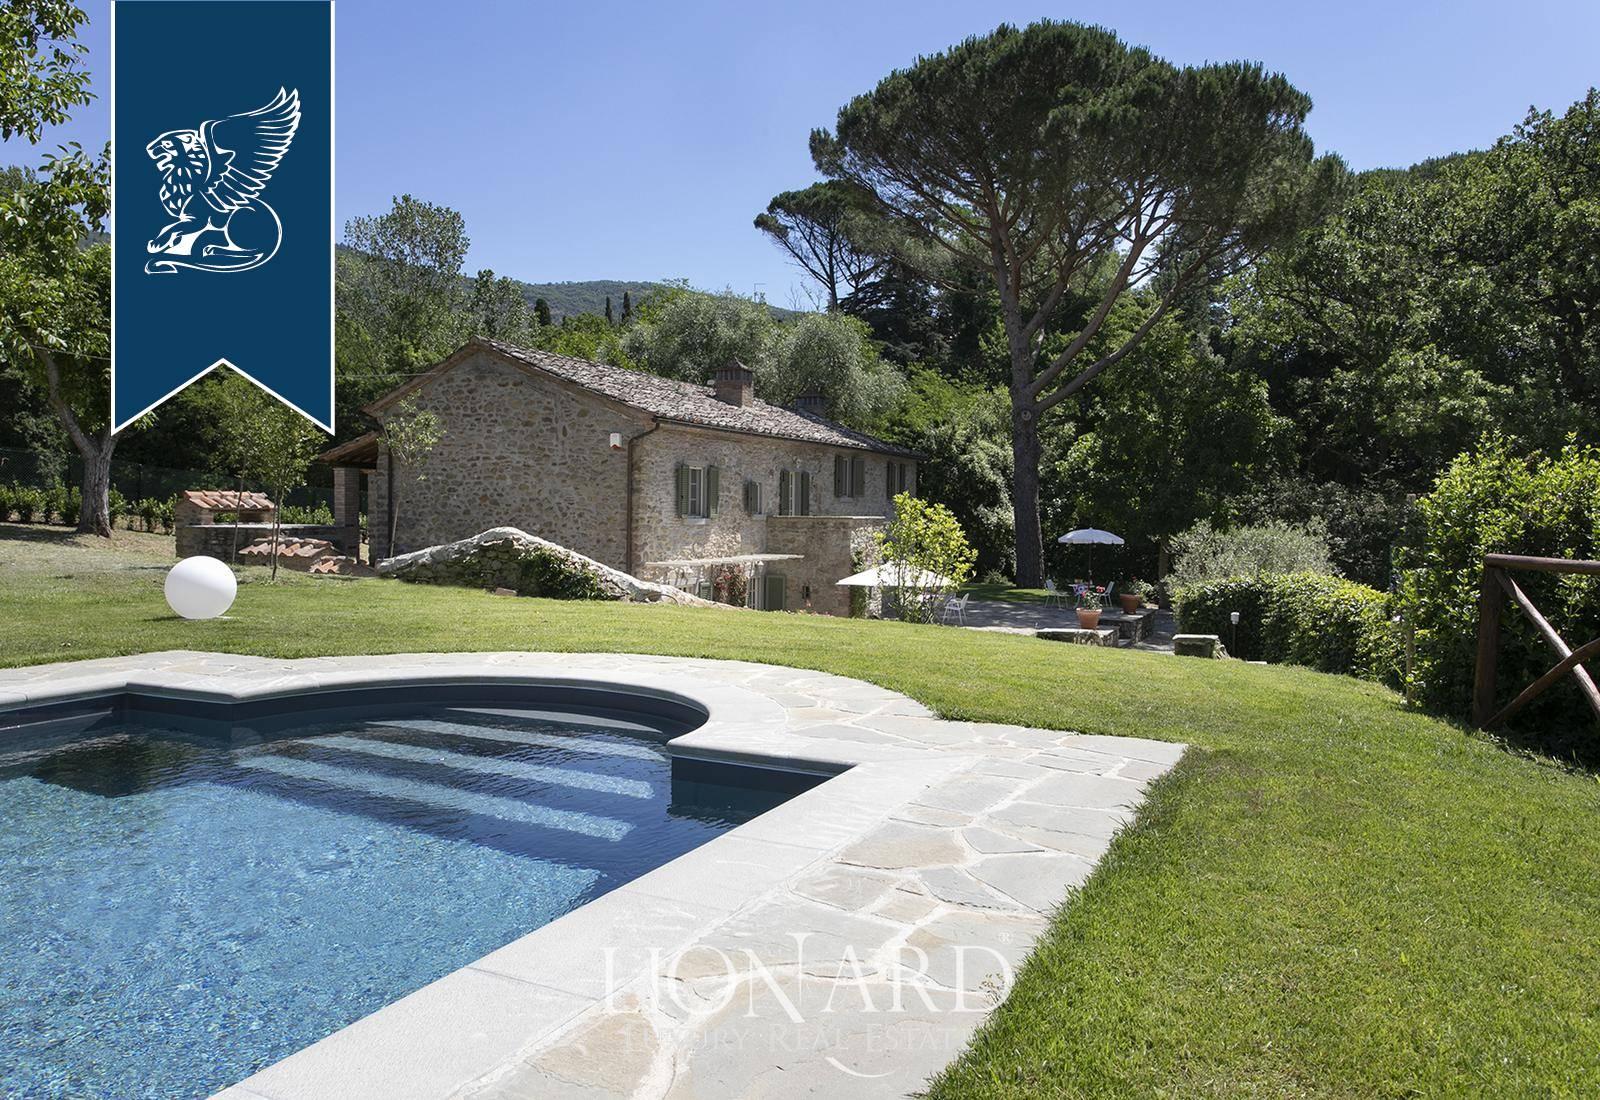 Villa in Vendita a Cortona: 0 locali, 270 mq - Foto 1